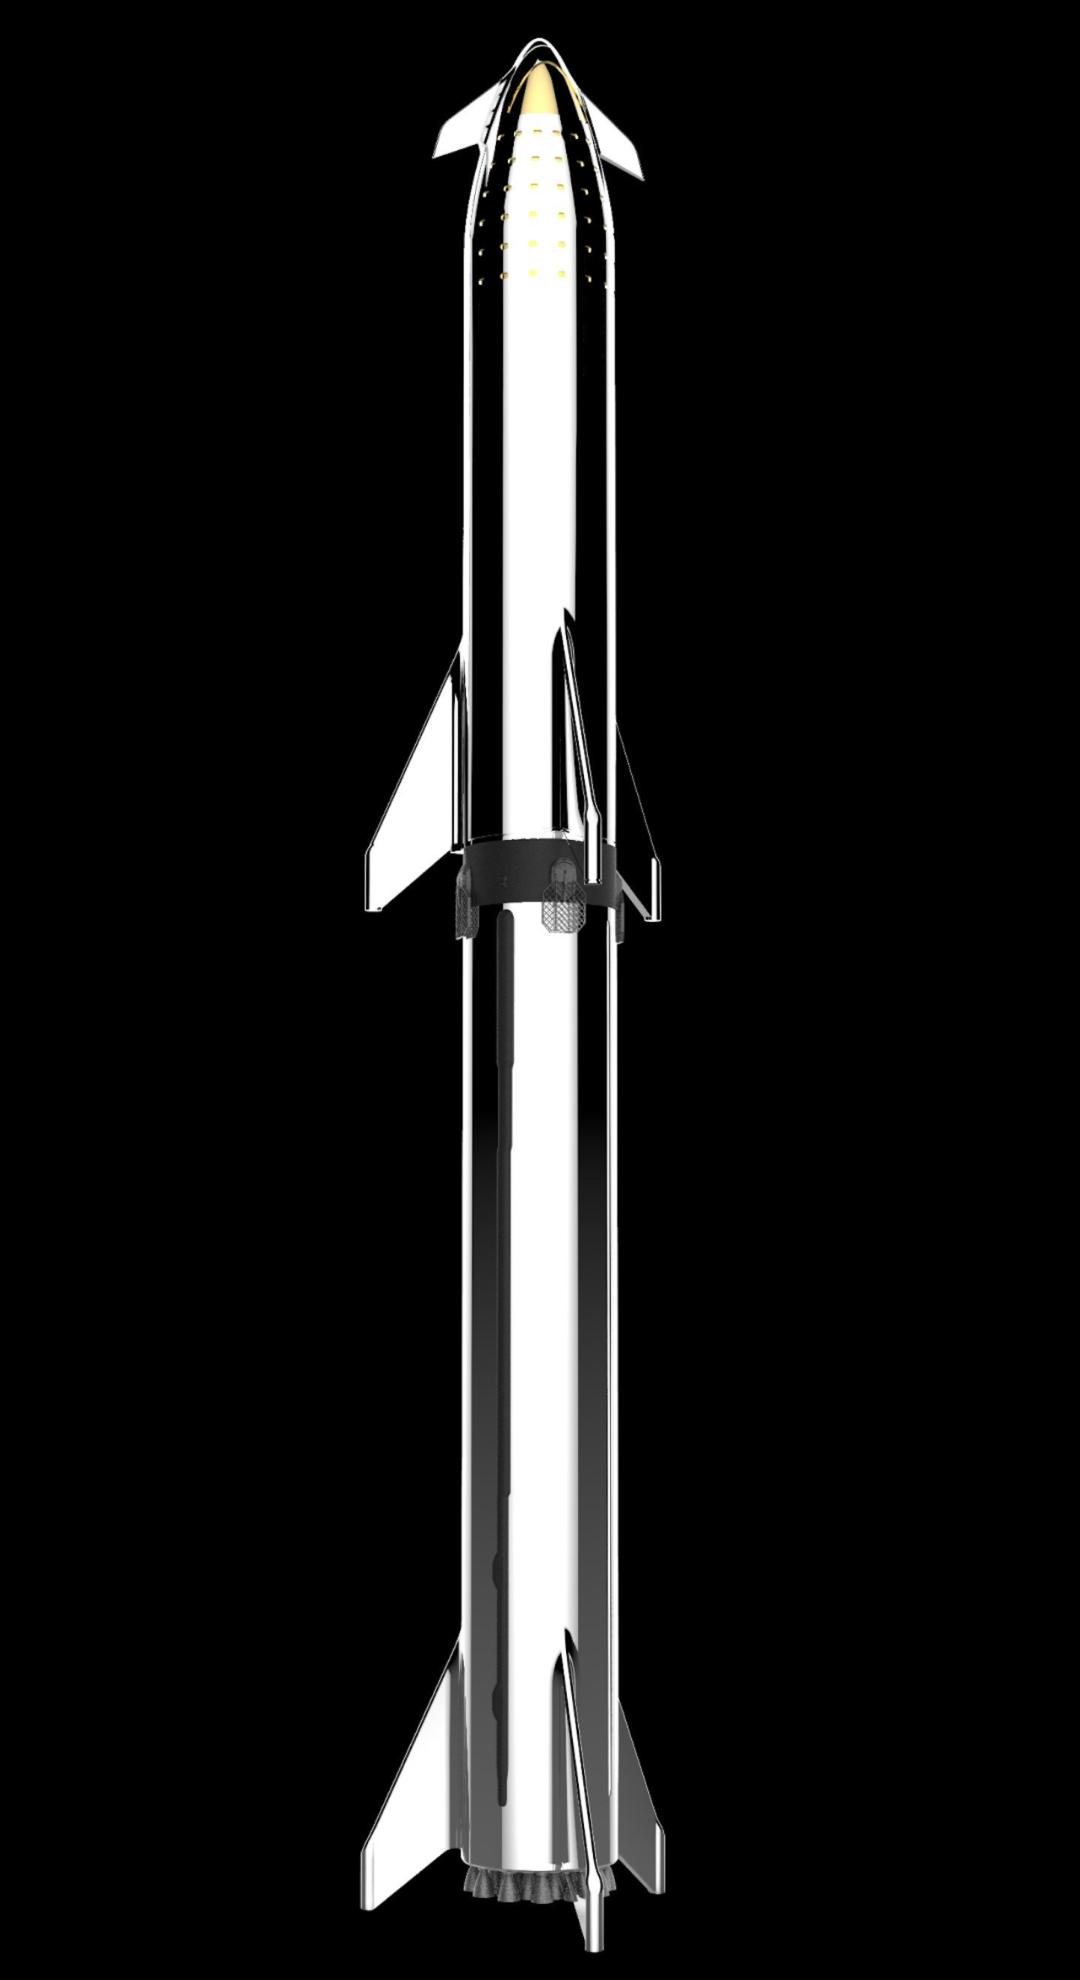 康妮雅官网_马斯克的星舰飞船原型机,又一次在测试中损毁! 类似摩仙魔变 ...